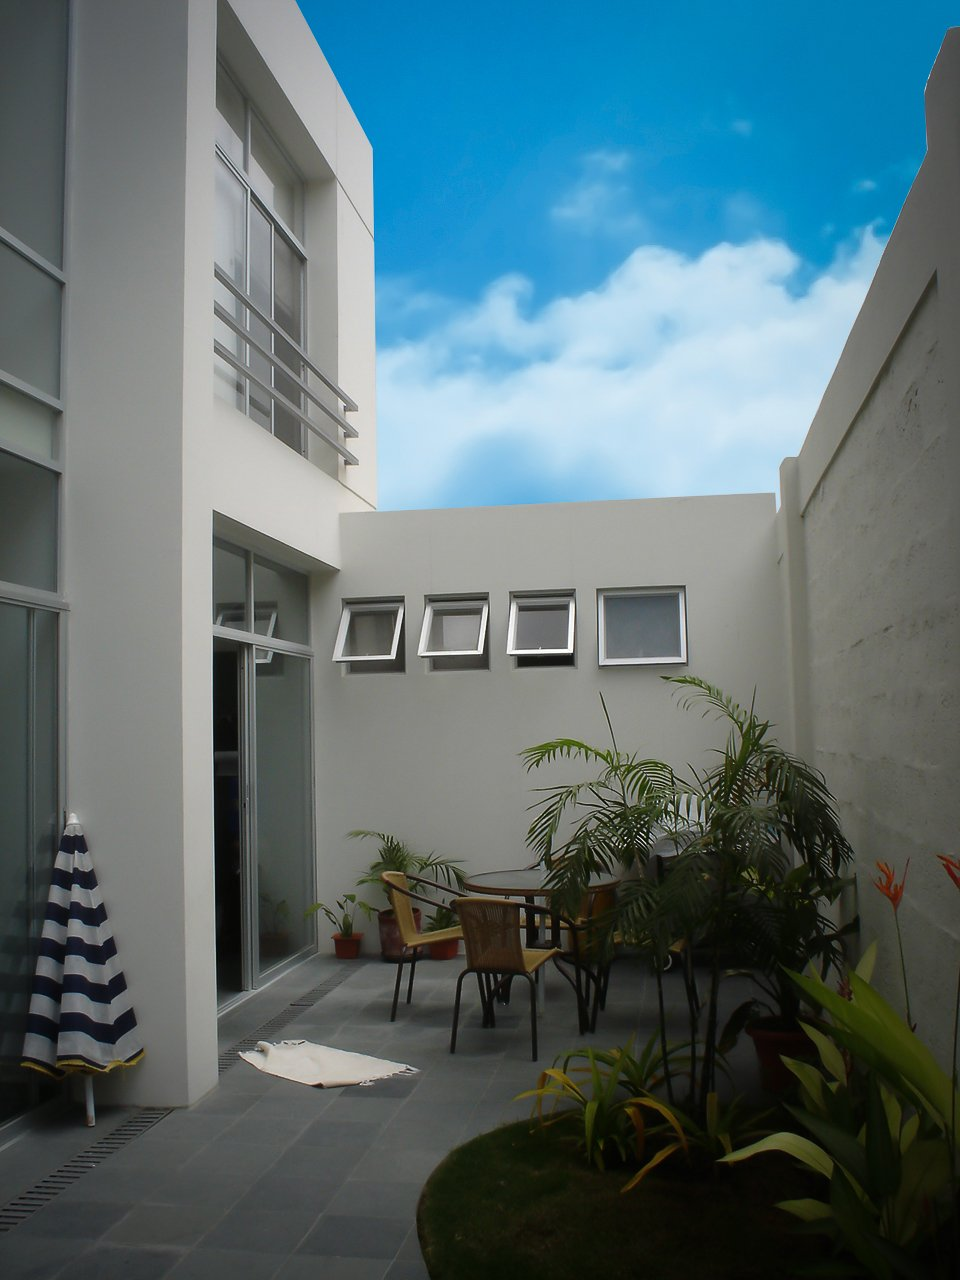 Casa-Tee-Guayaquil-Samborondon-A3-Arquitectos-Quito-Ecuador casa soñada